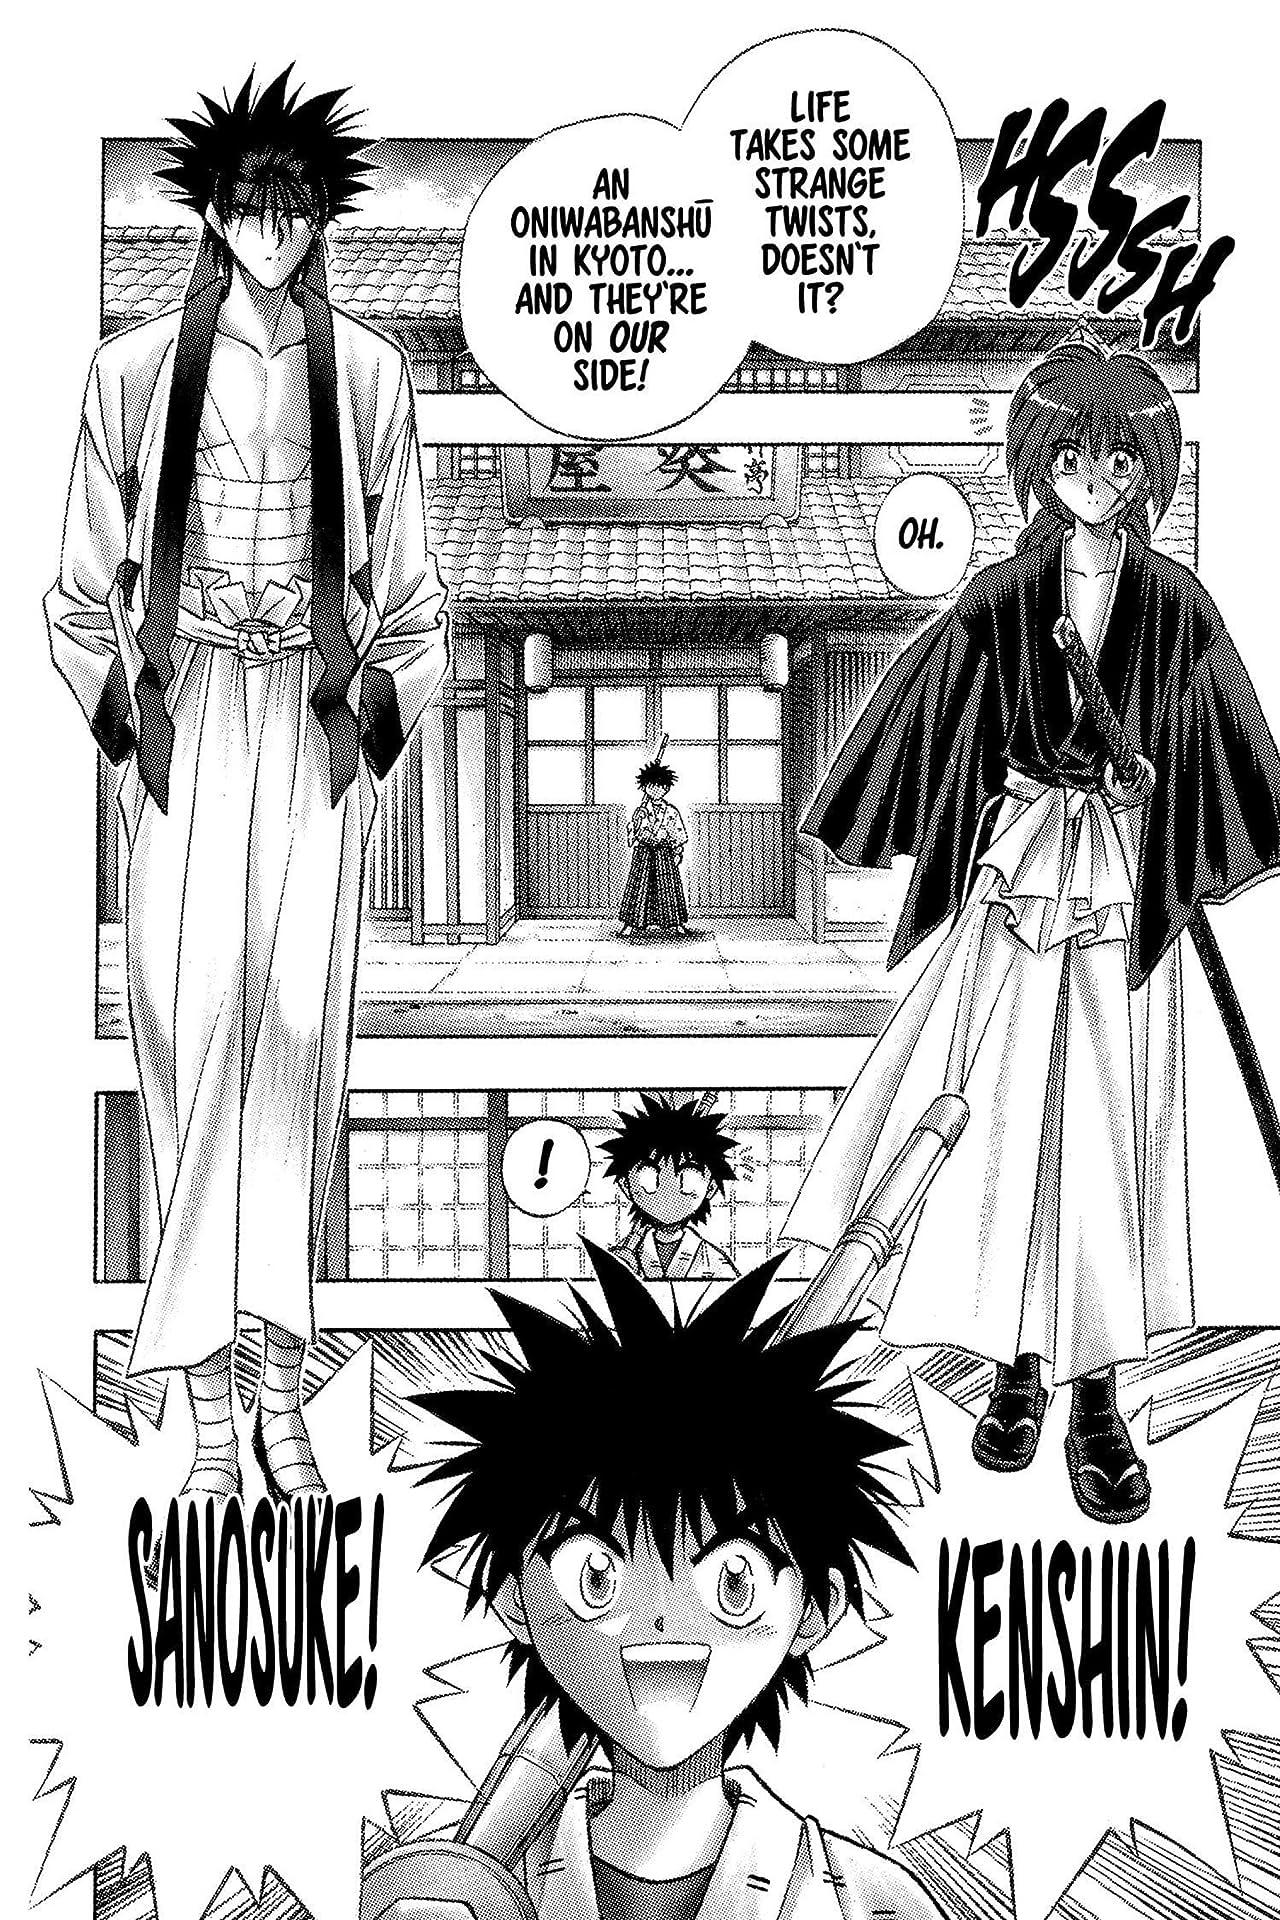 Rurouni Kenshin Vol. 13